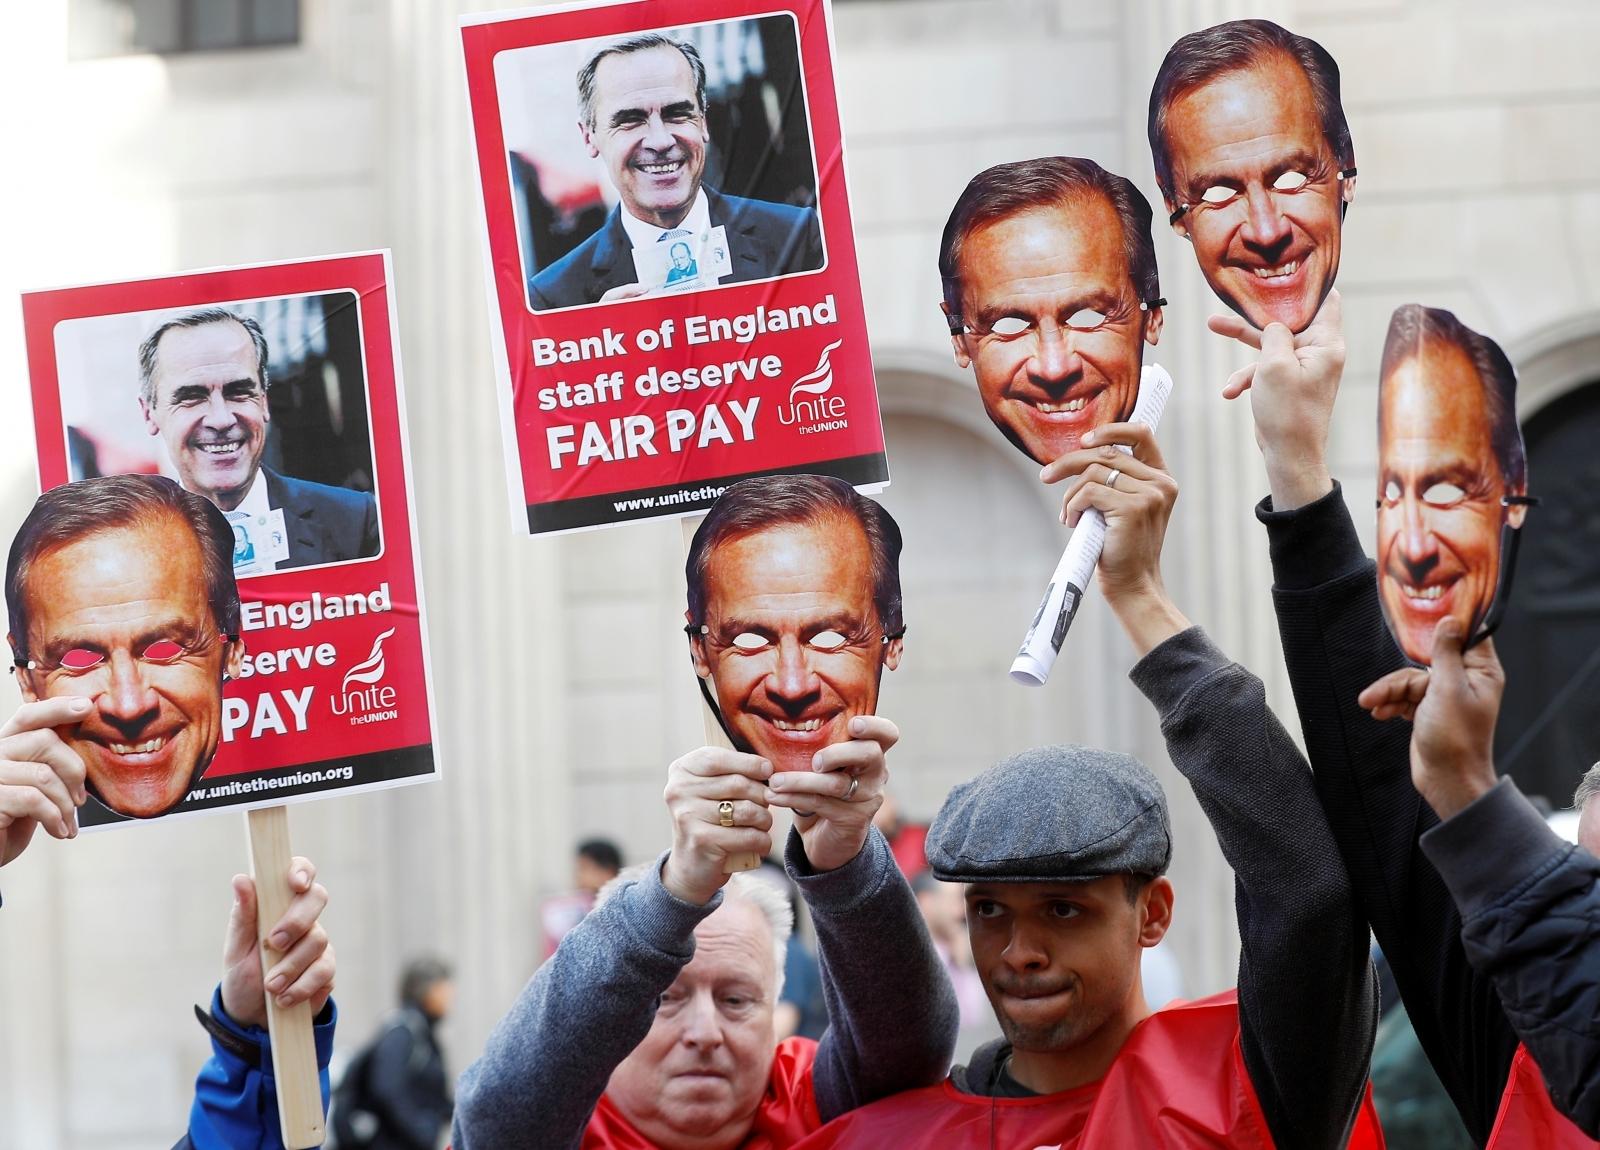 Bank of England strike